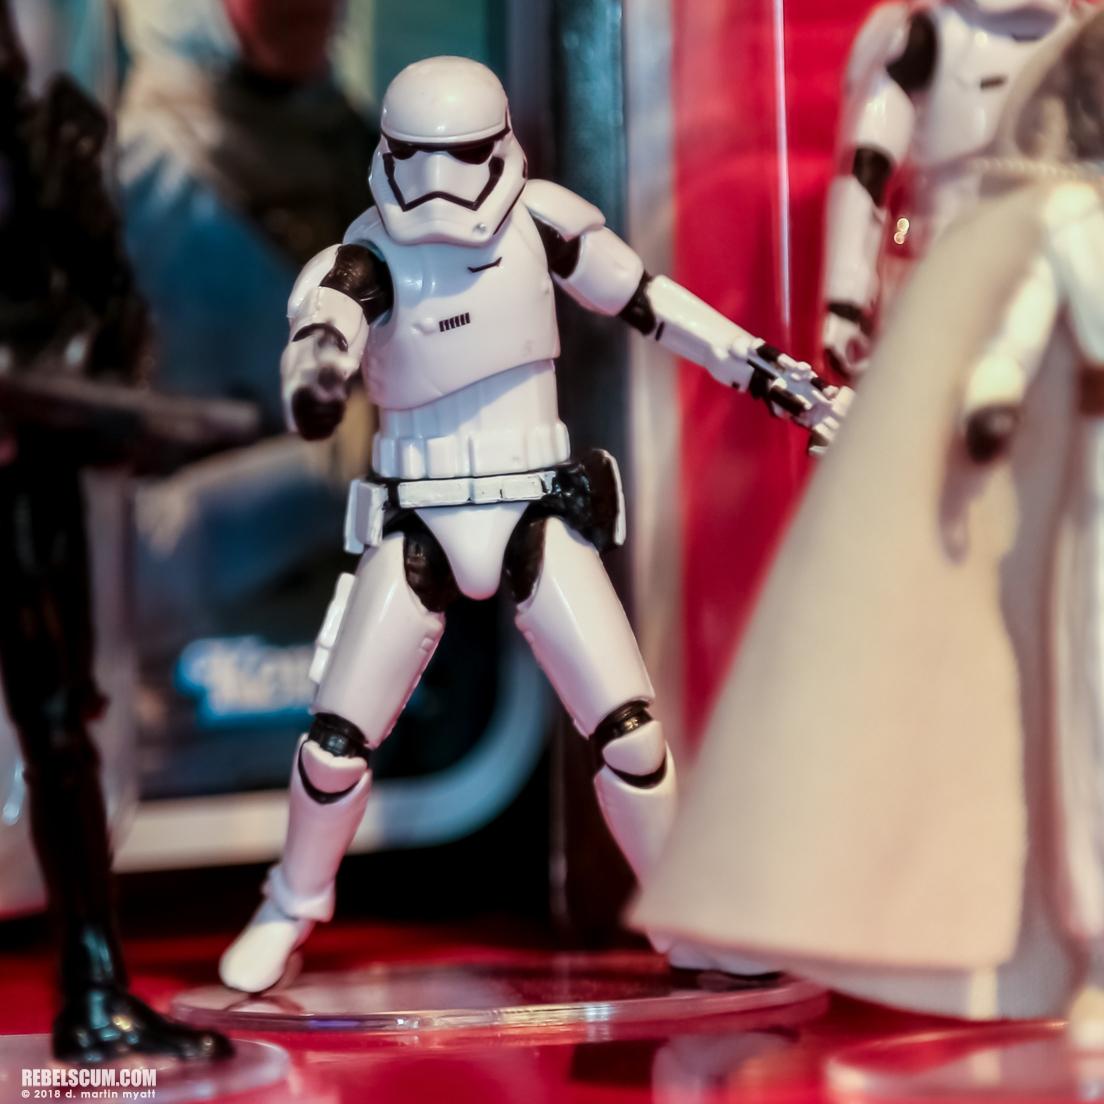 TFA First Order Stormtrooper Vintage Figure